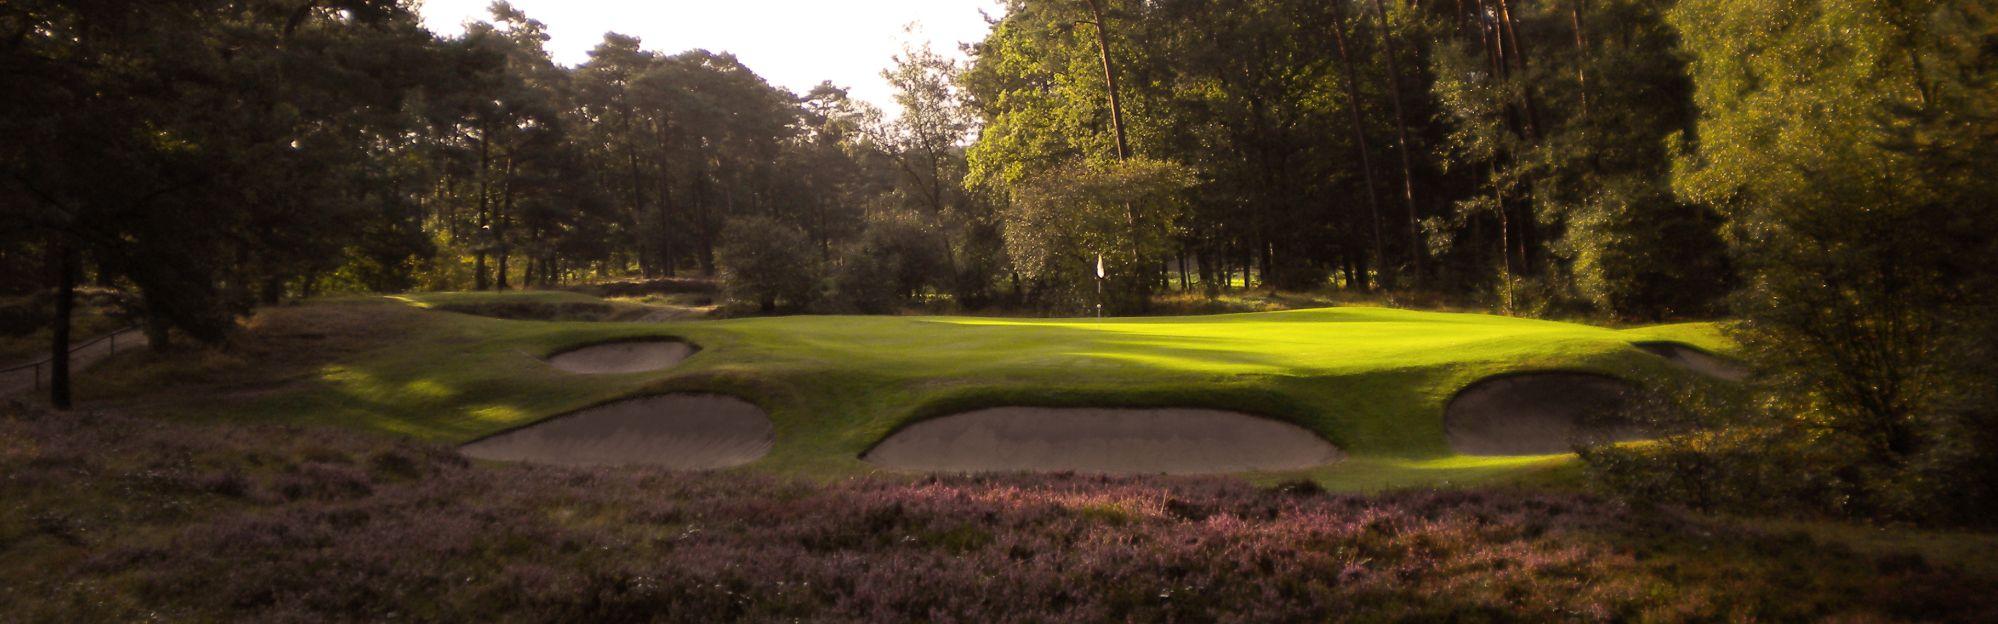 Hilversumsche golfbaan pannenkoek